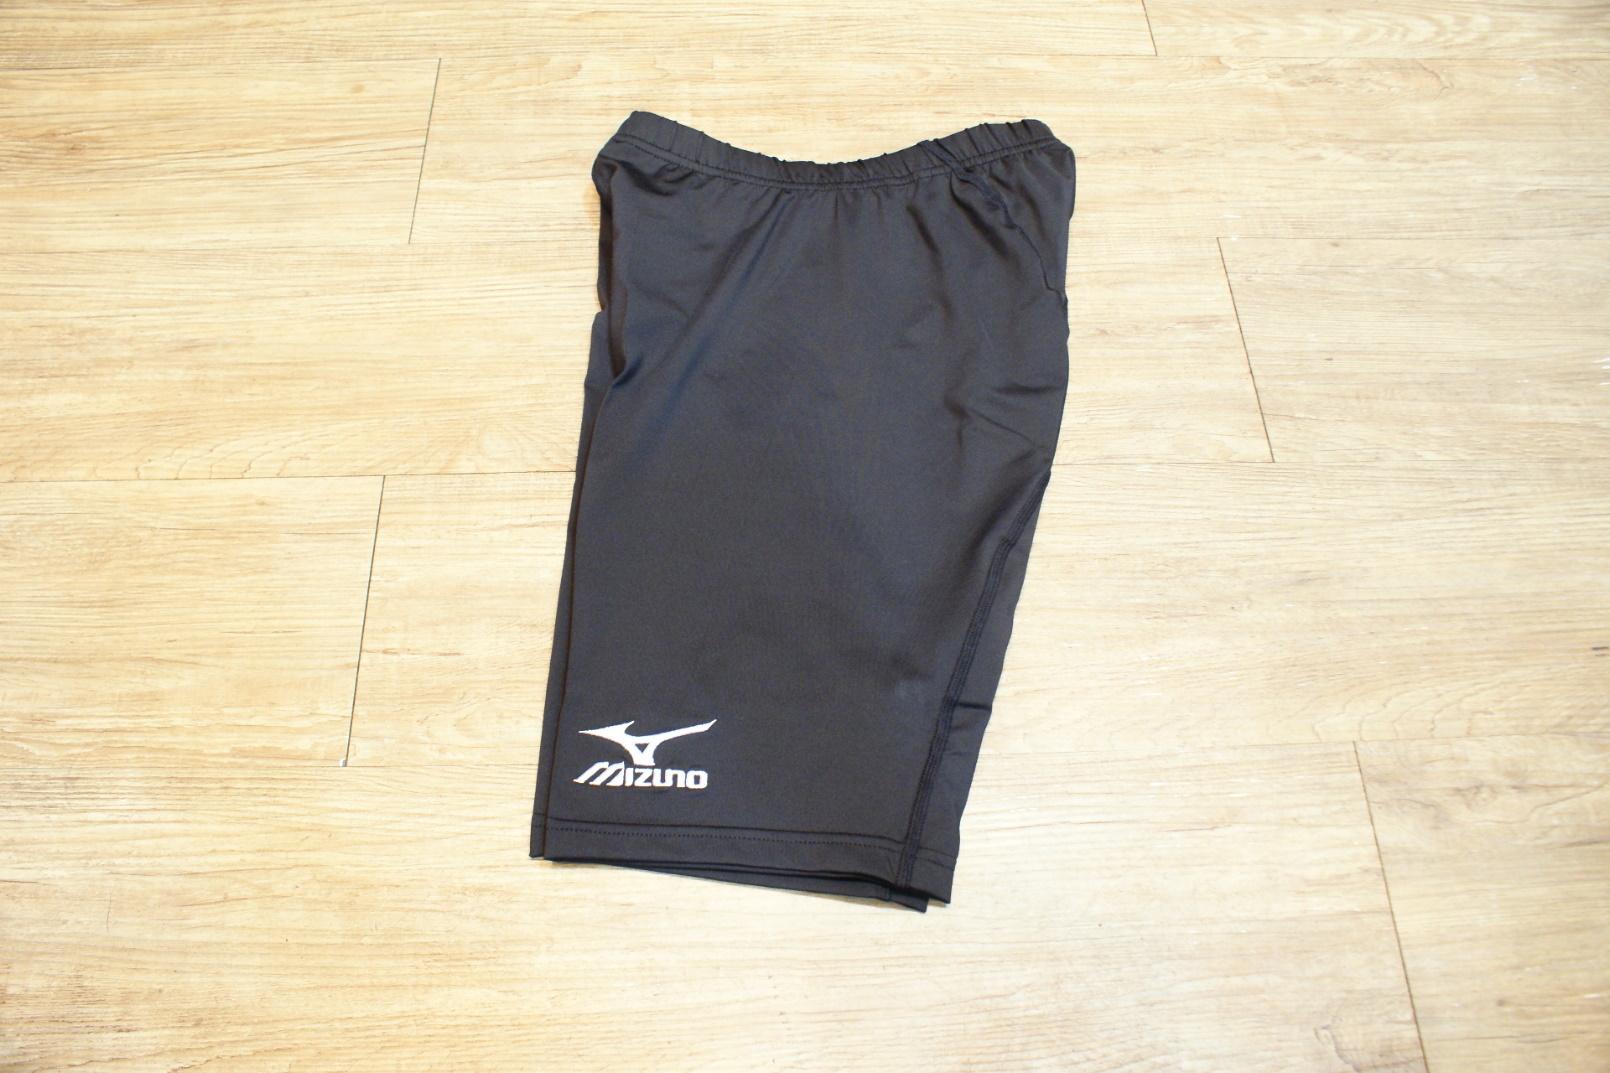 棒球世界 全新Mizuno 中長型緊身褲(58RC-259系列)共2色~特價